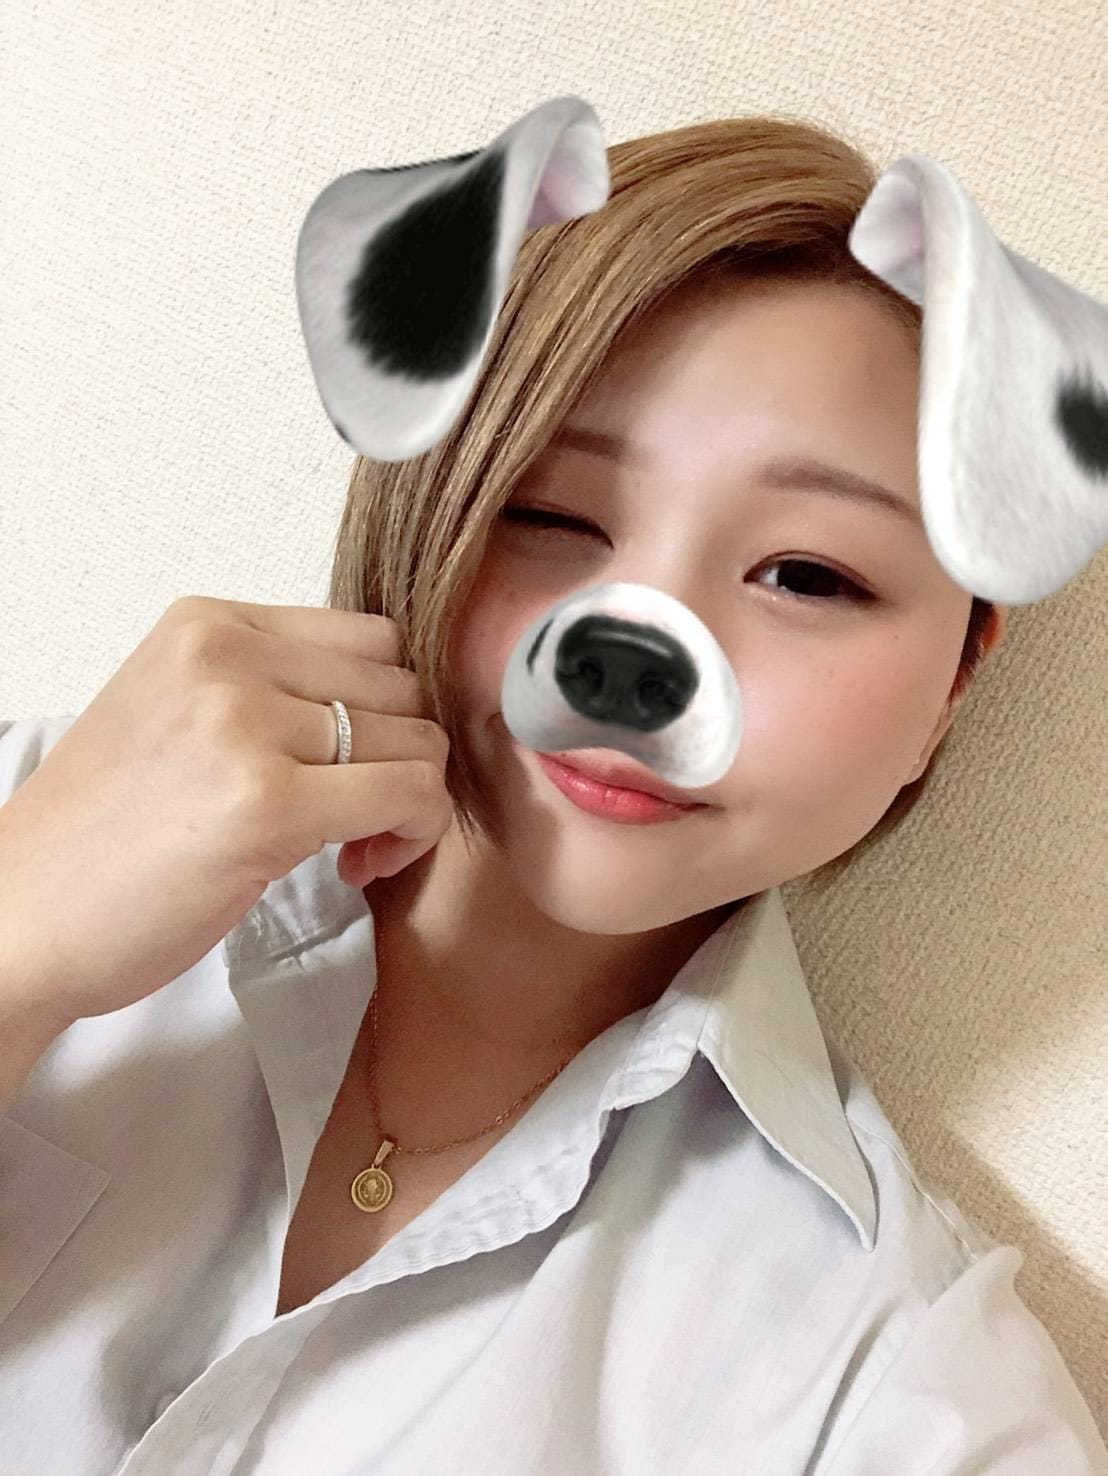 「こんばんわ」10/05(金) 06:00   ☆鬼塚やよい☆の写メ・風俗動画